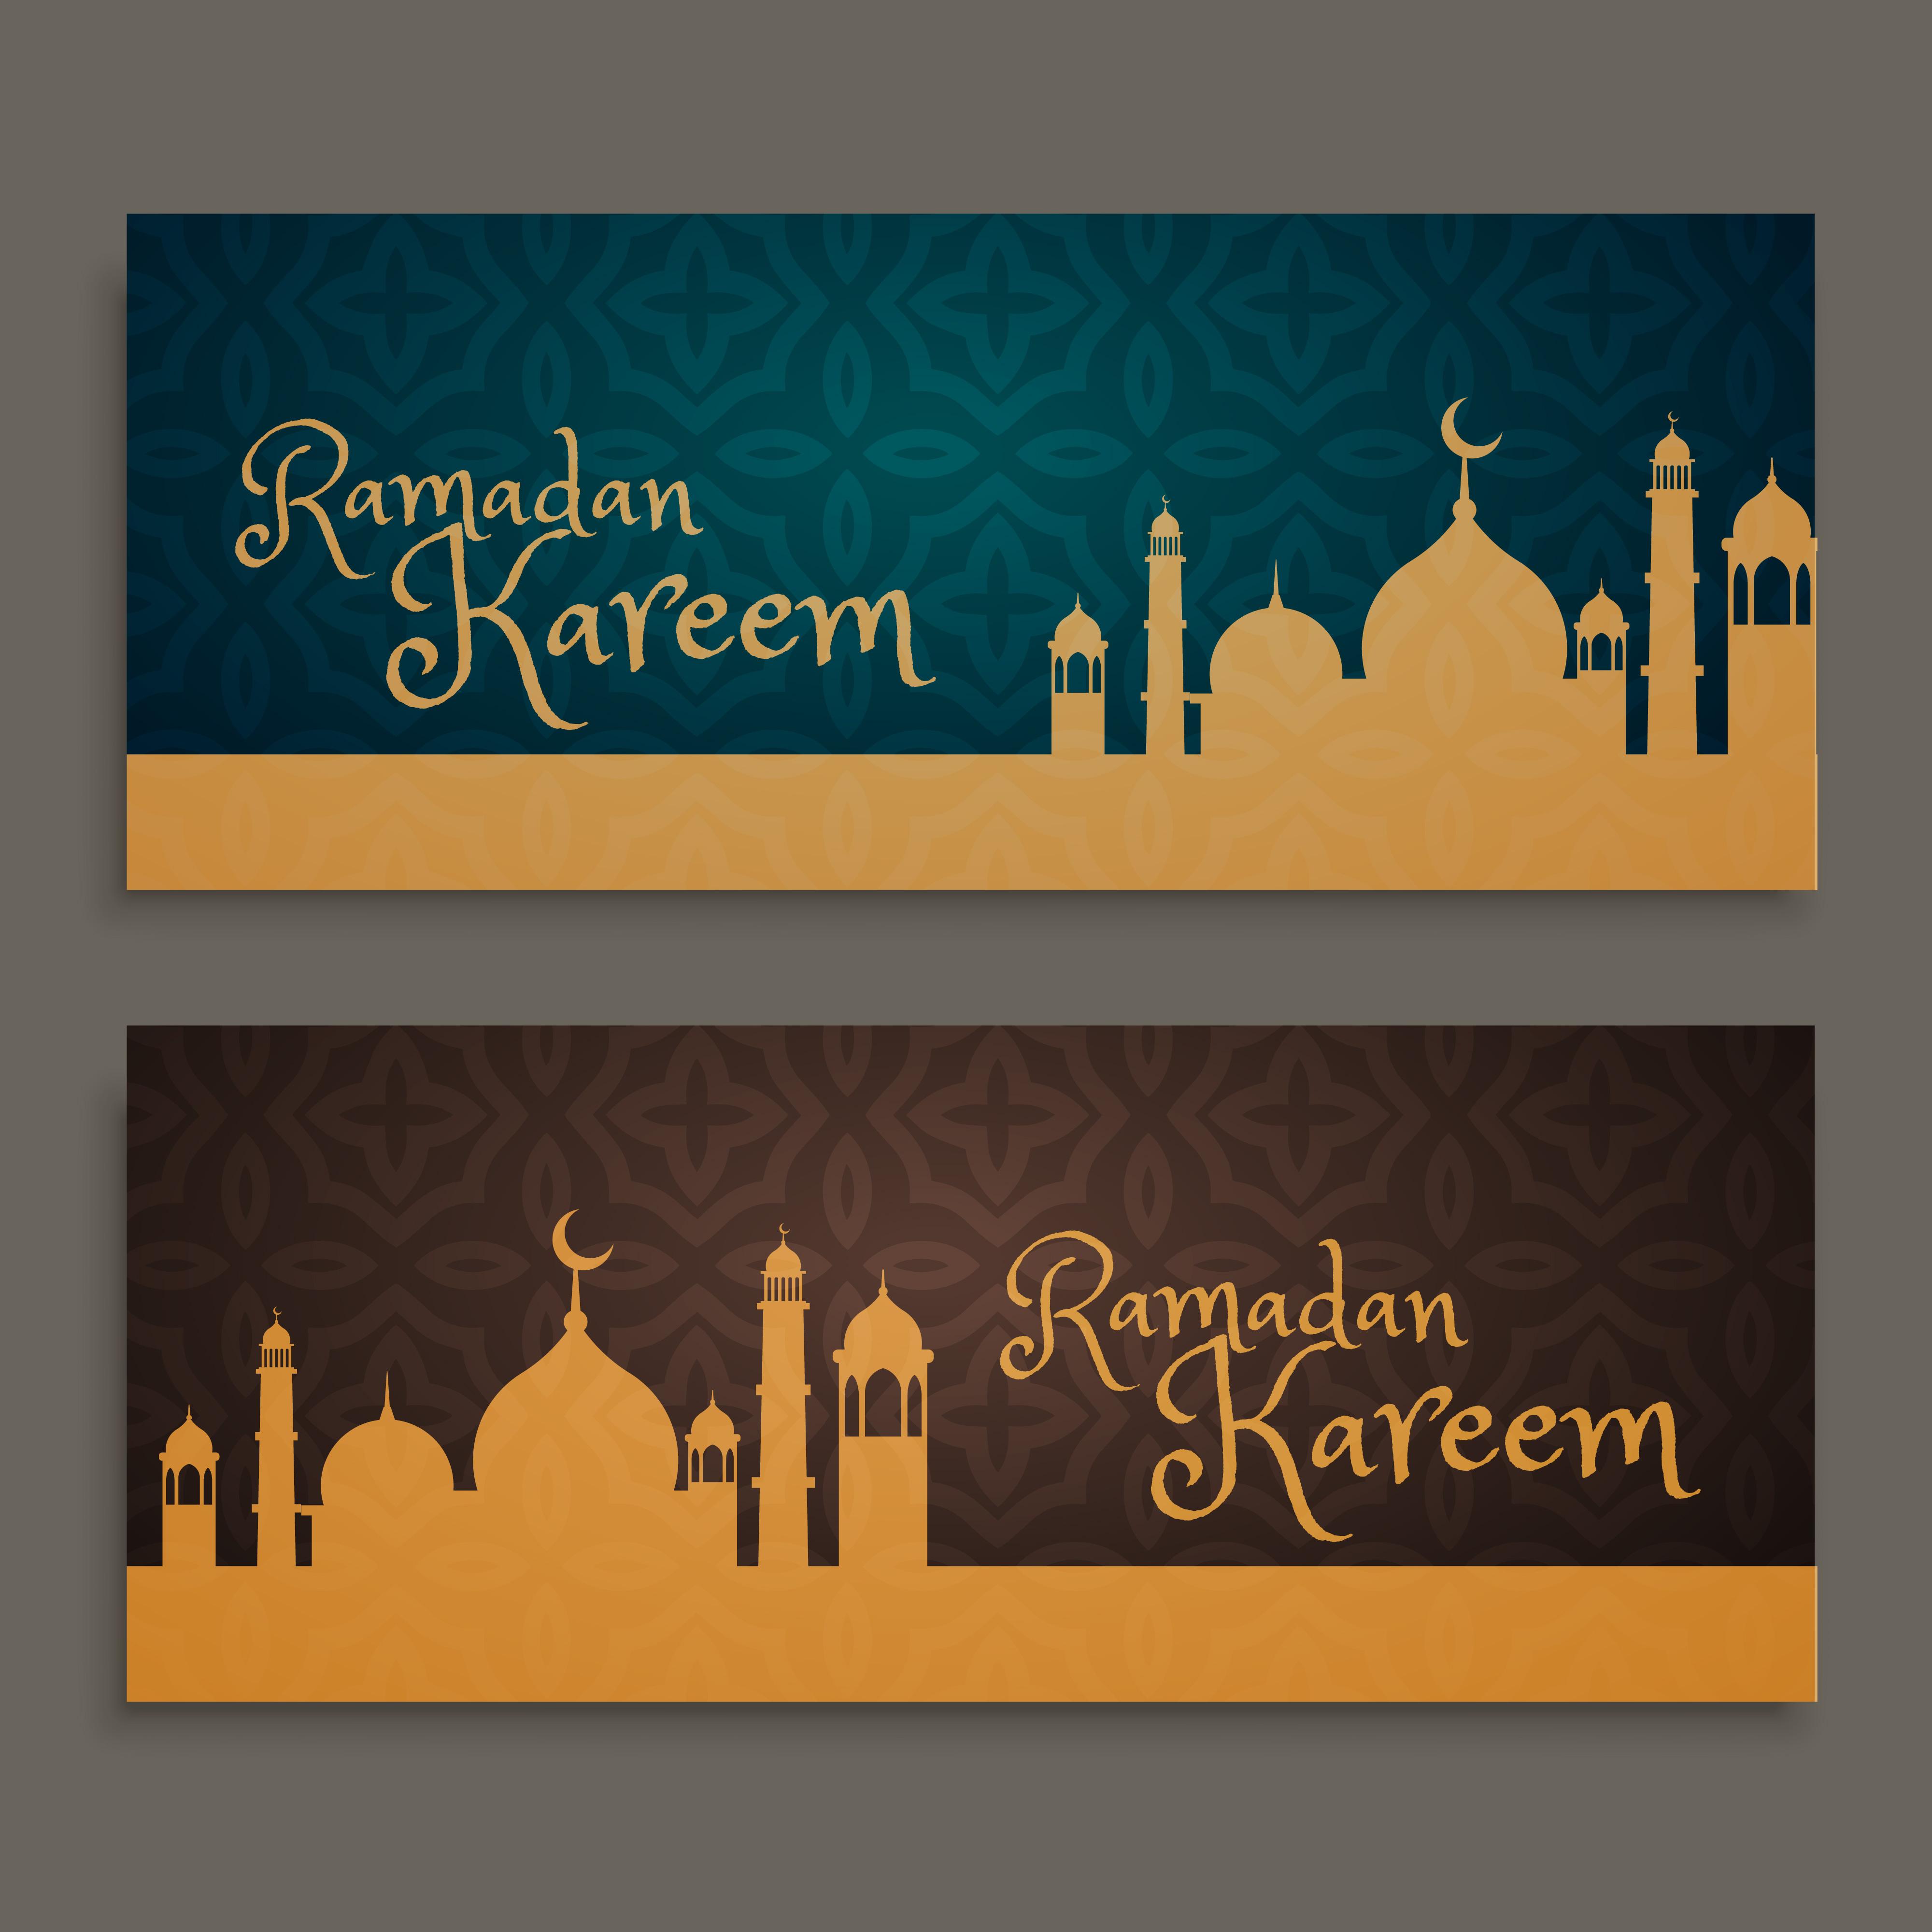 ramadan kareem banners set - Download Free Vector Art ...